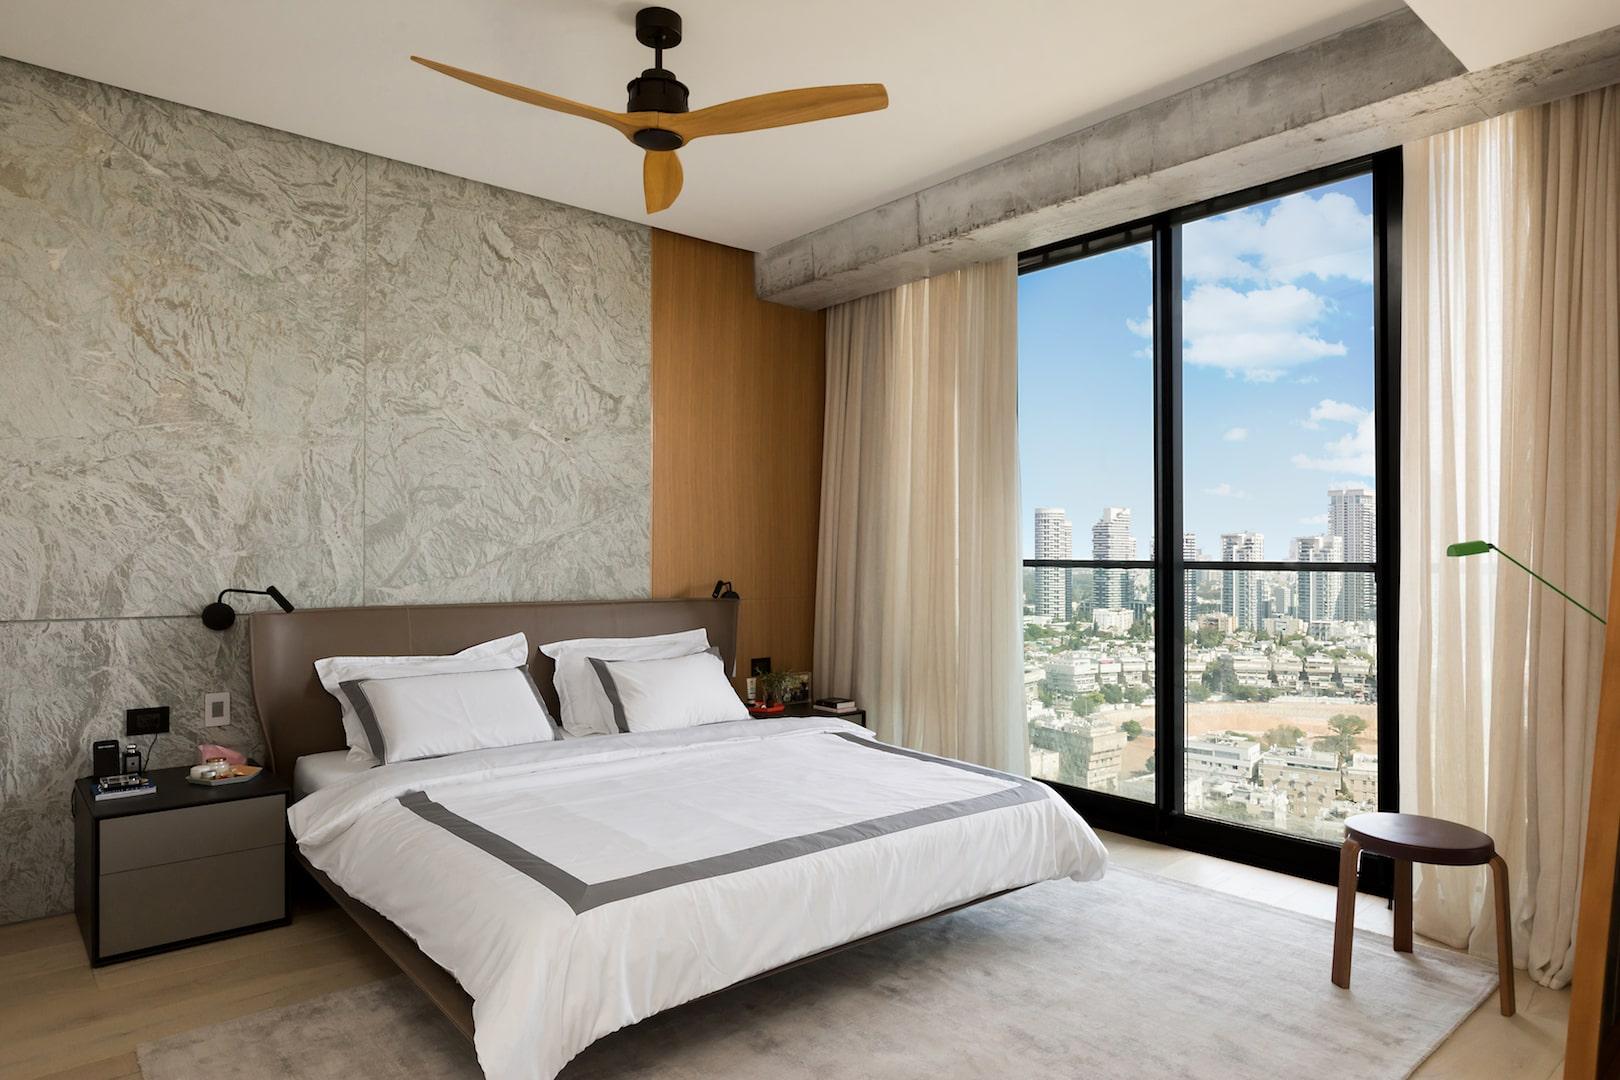 חדר שינה חיפוי עץ